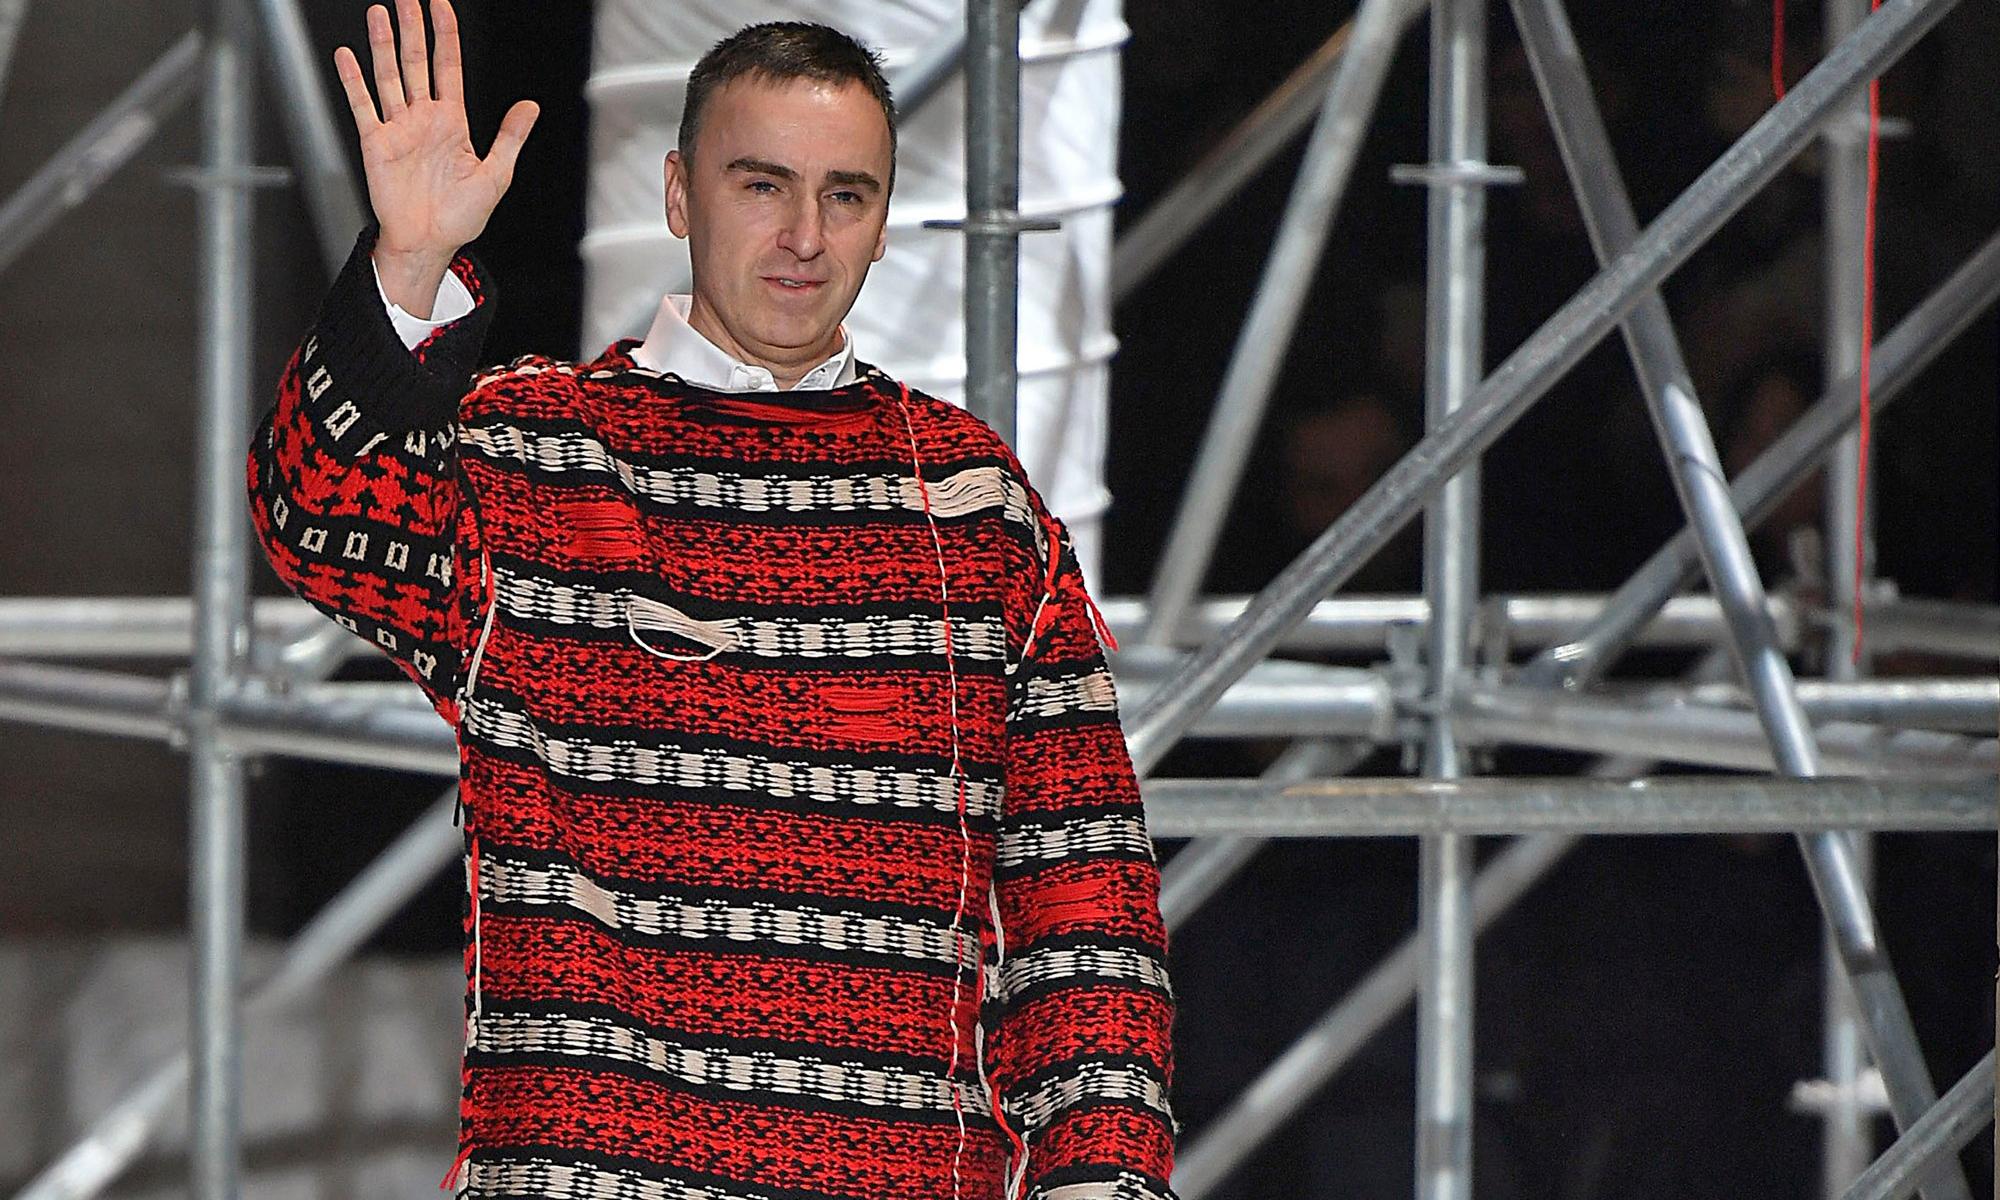 理念不合业绩不佳,Raf Simons 正式离任 Calvin Klein